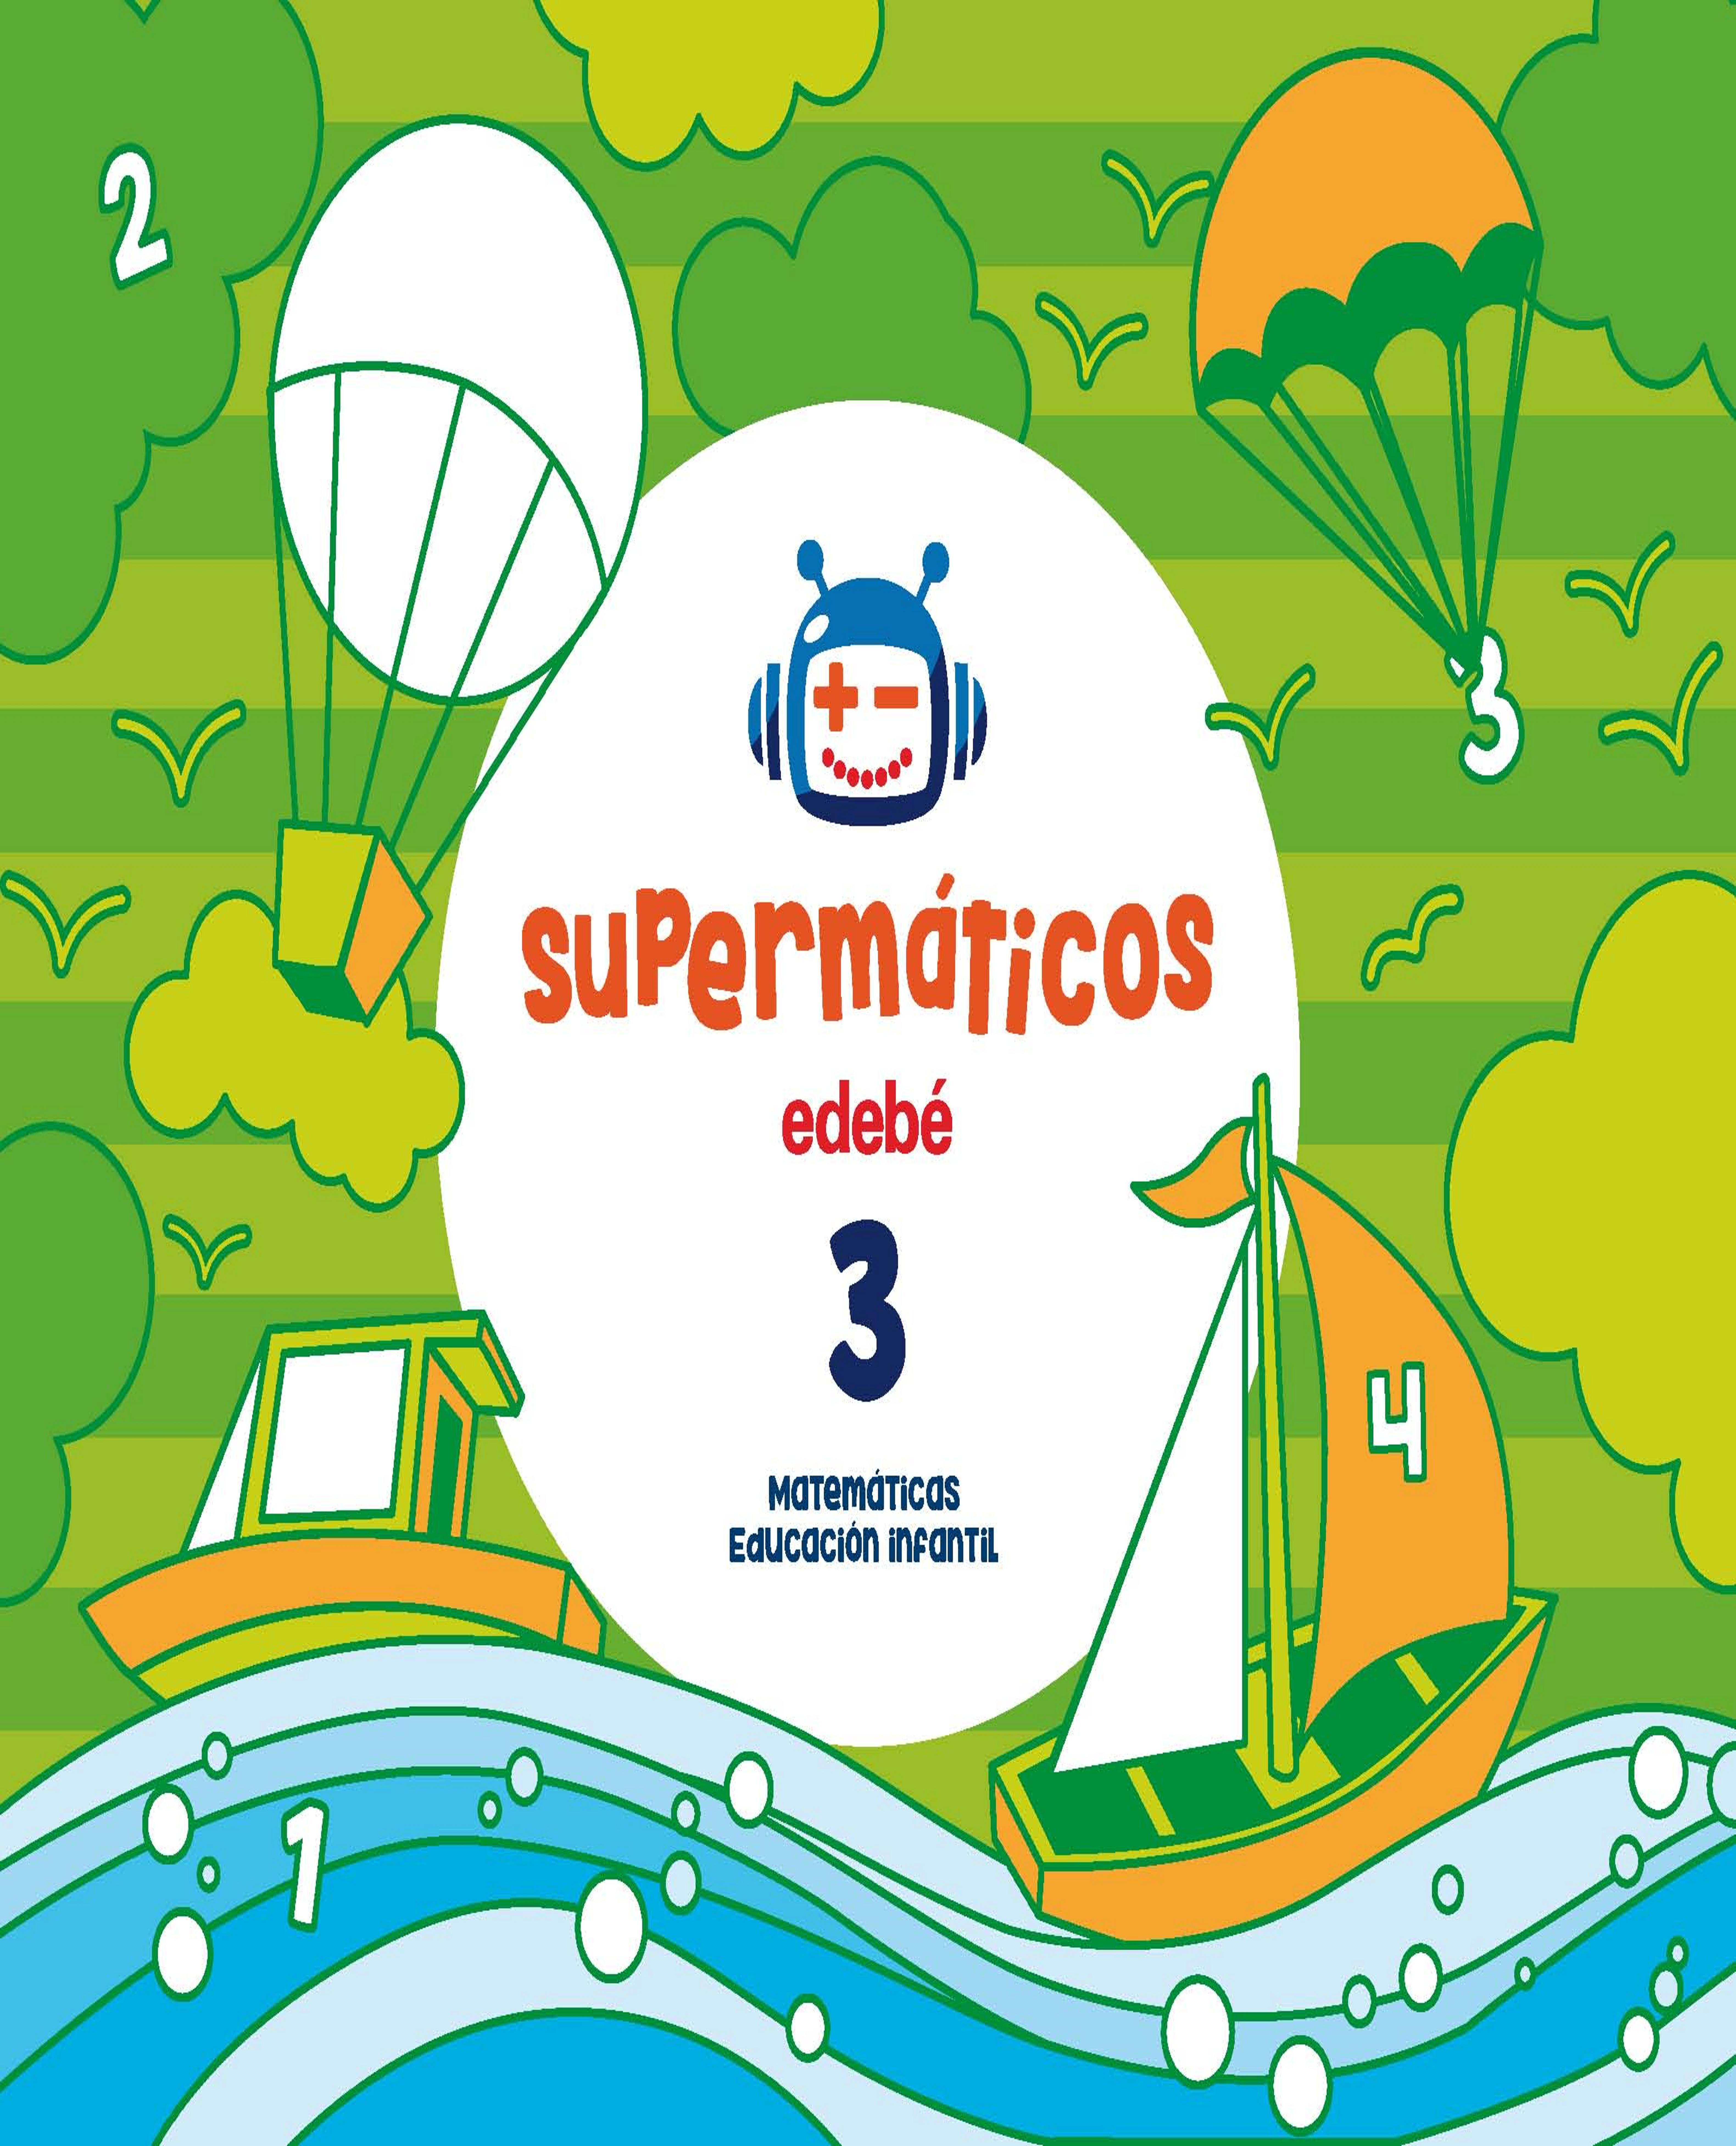 SUPERMATEMATICOS NÚMERO 3